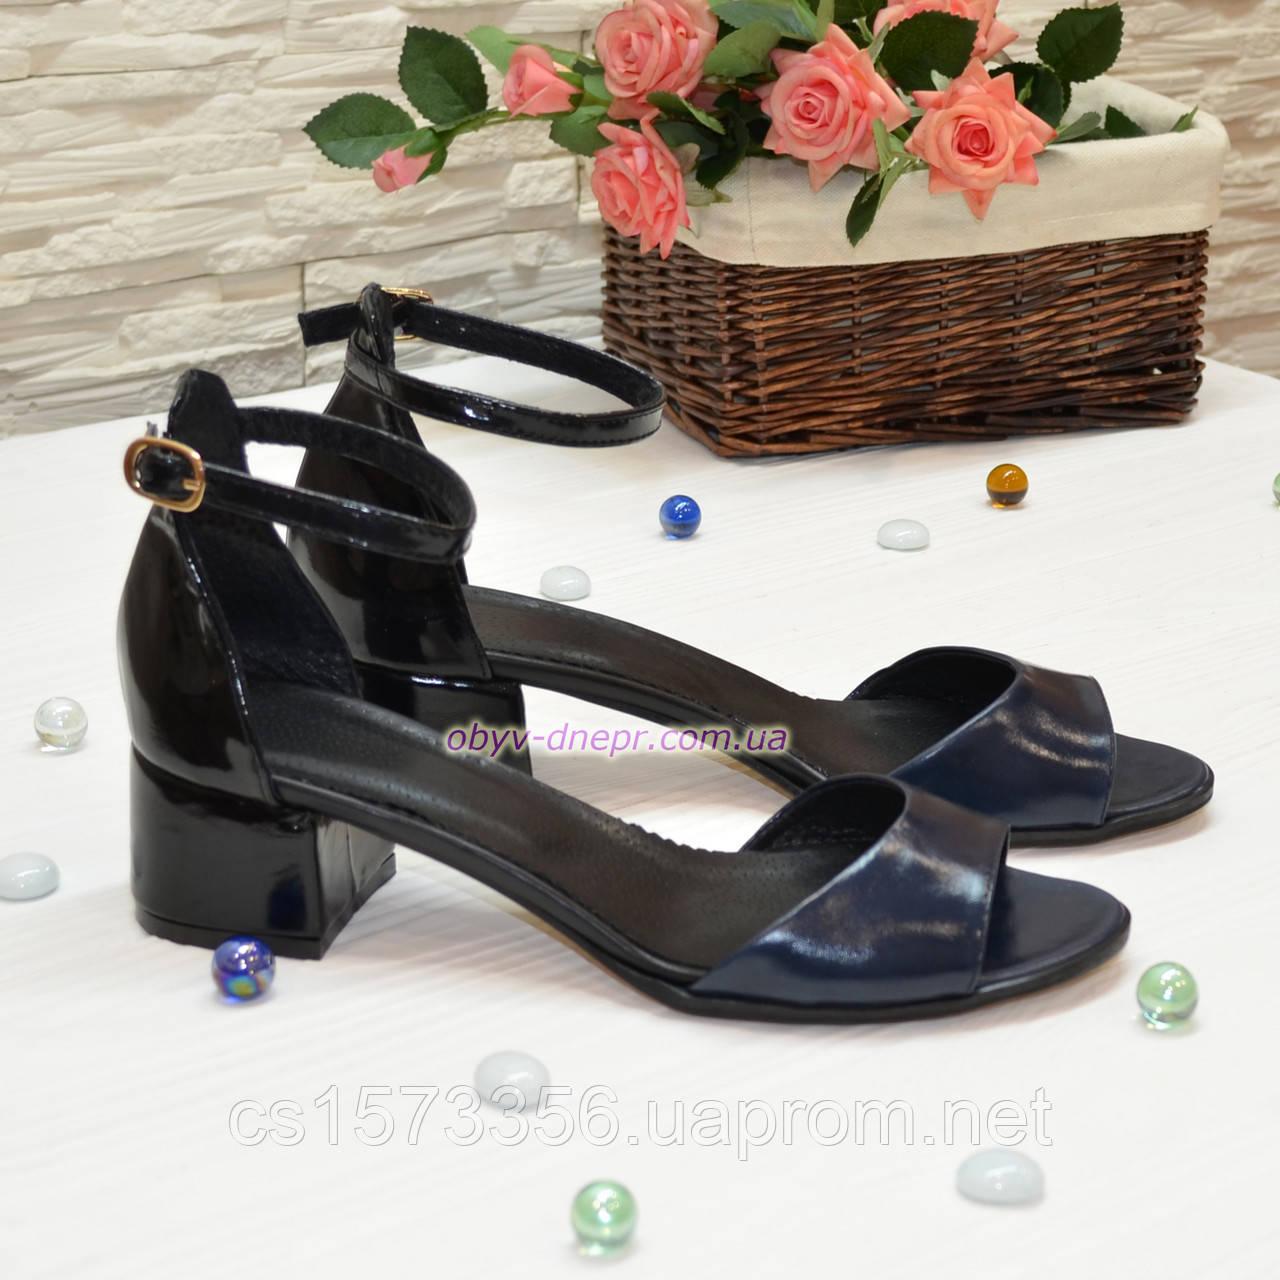 Босоножки женские лаковые на невысоком каблуке, цвет синий/черный